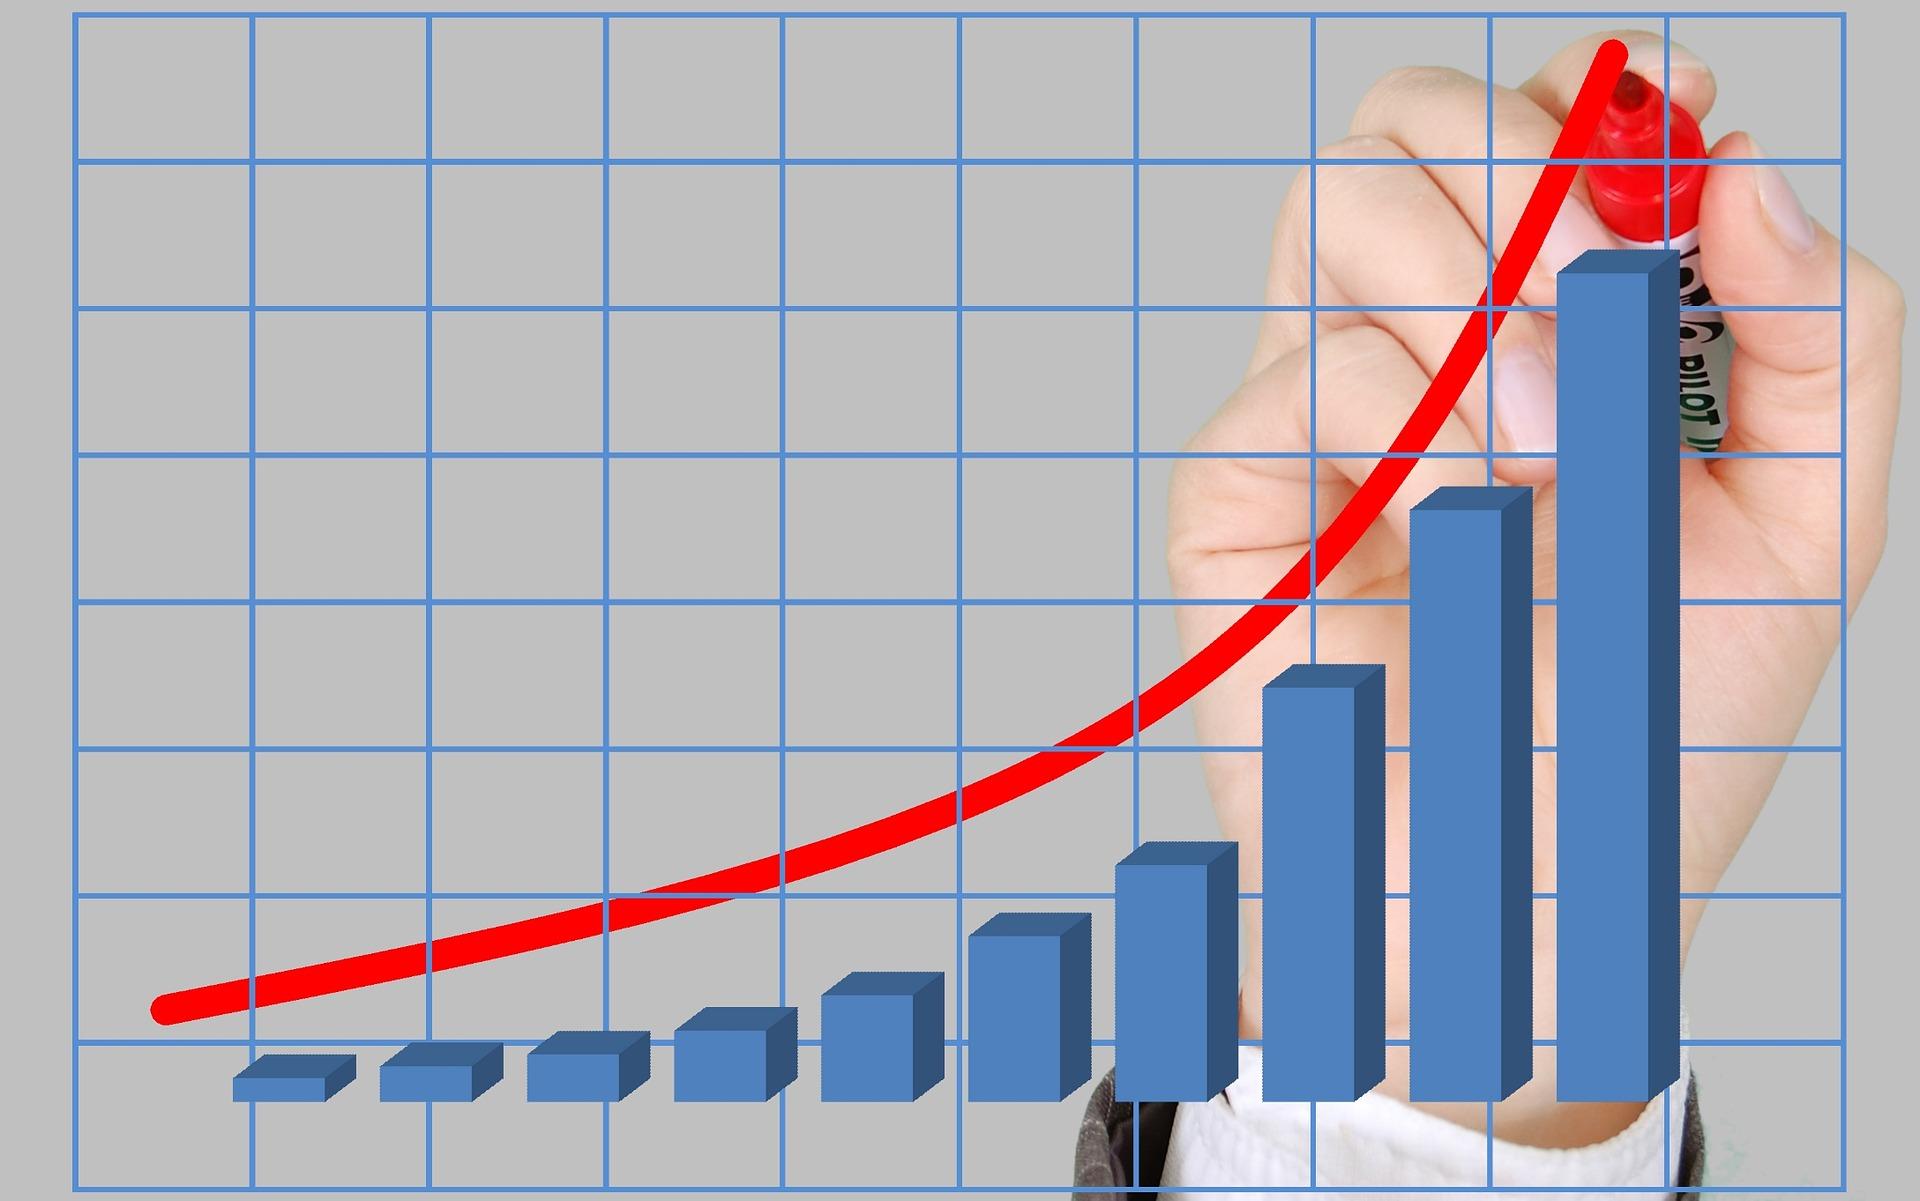 Beitragserhöhung Berufsunfähigkeitsversicherung